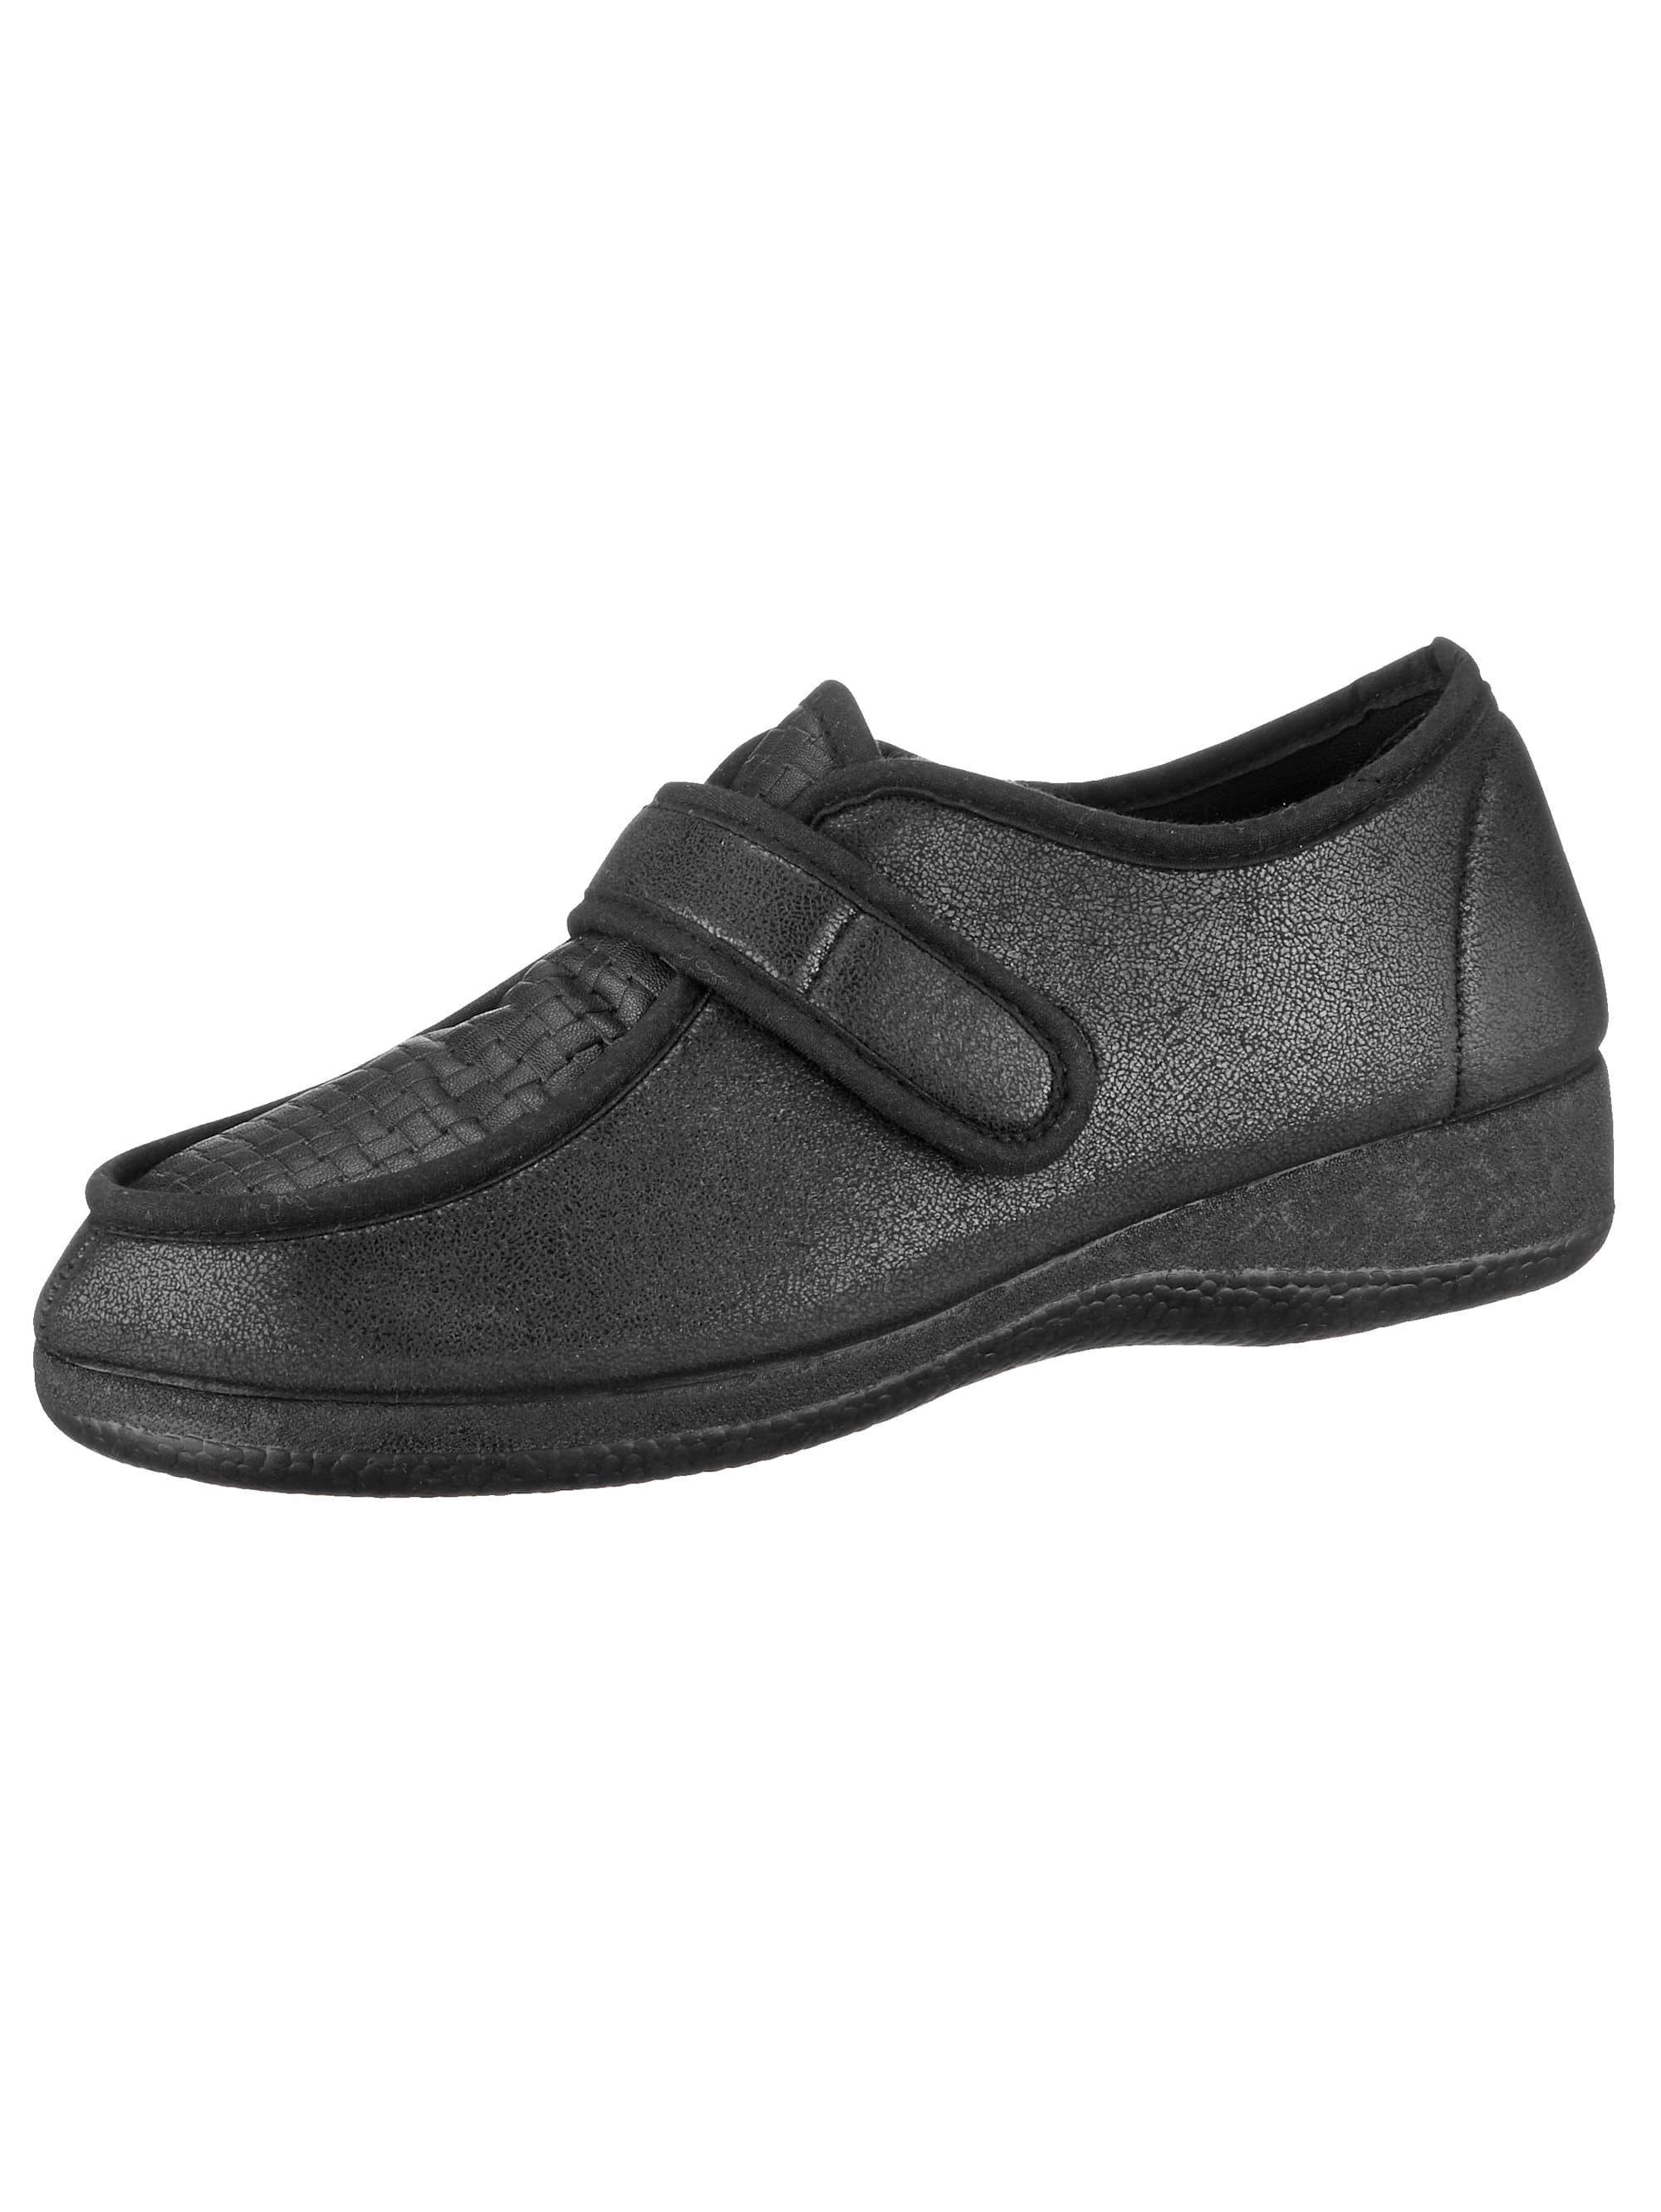 Naturläufer Klettslipper schwarz Damen Slipper Loafer Business-Schuhe für Sie Slipper/ Halbschuhe